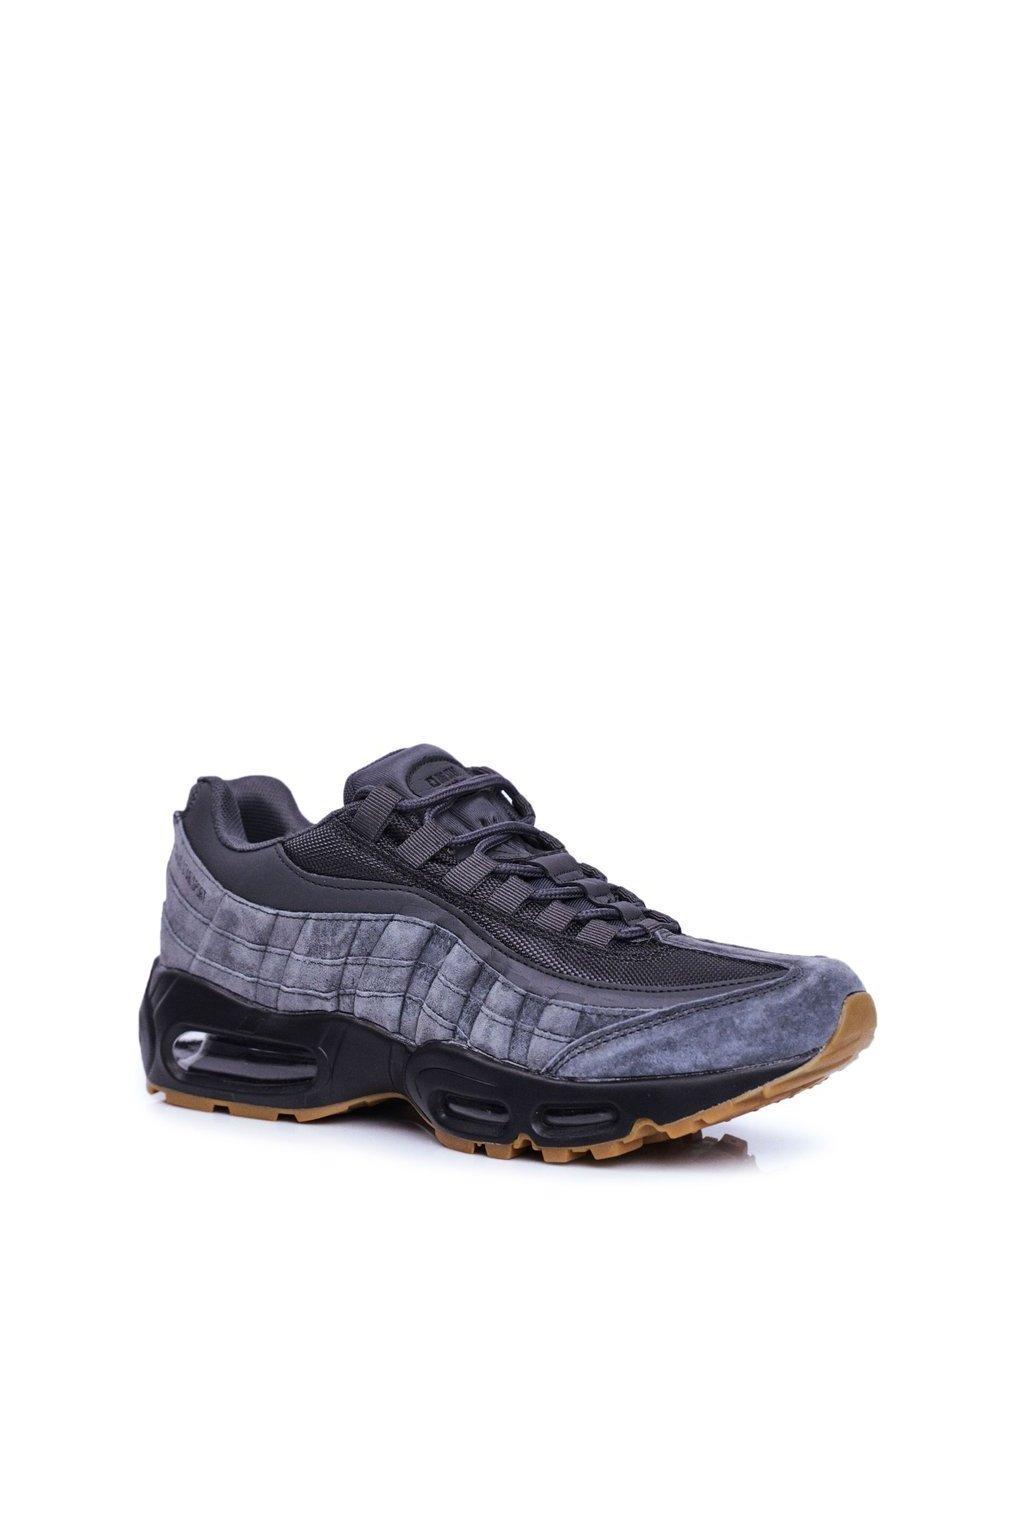 Sivá obuv kód topánok FF174297 GREY